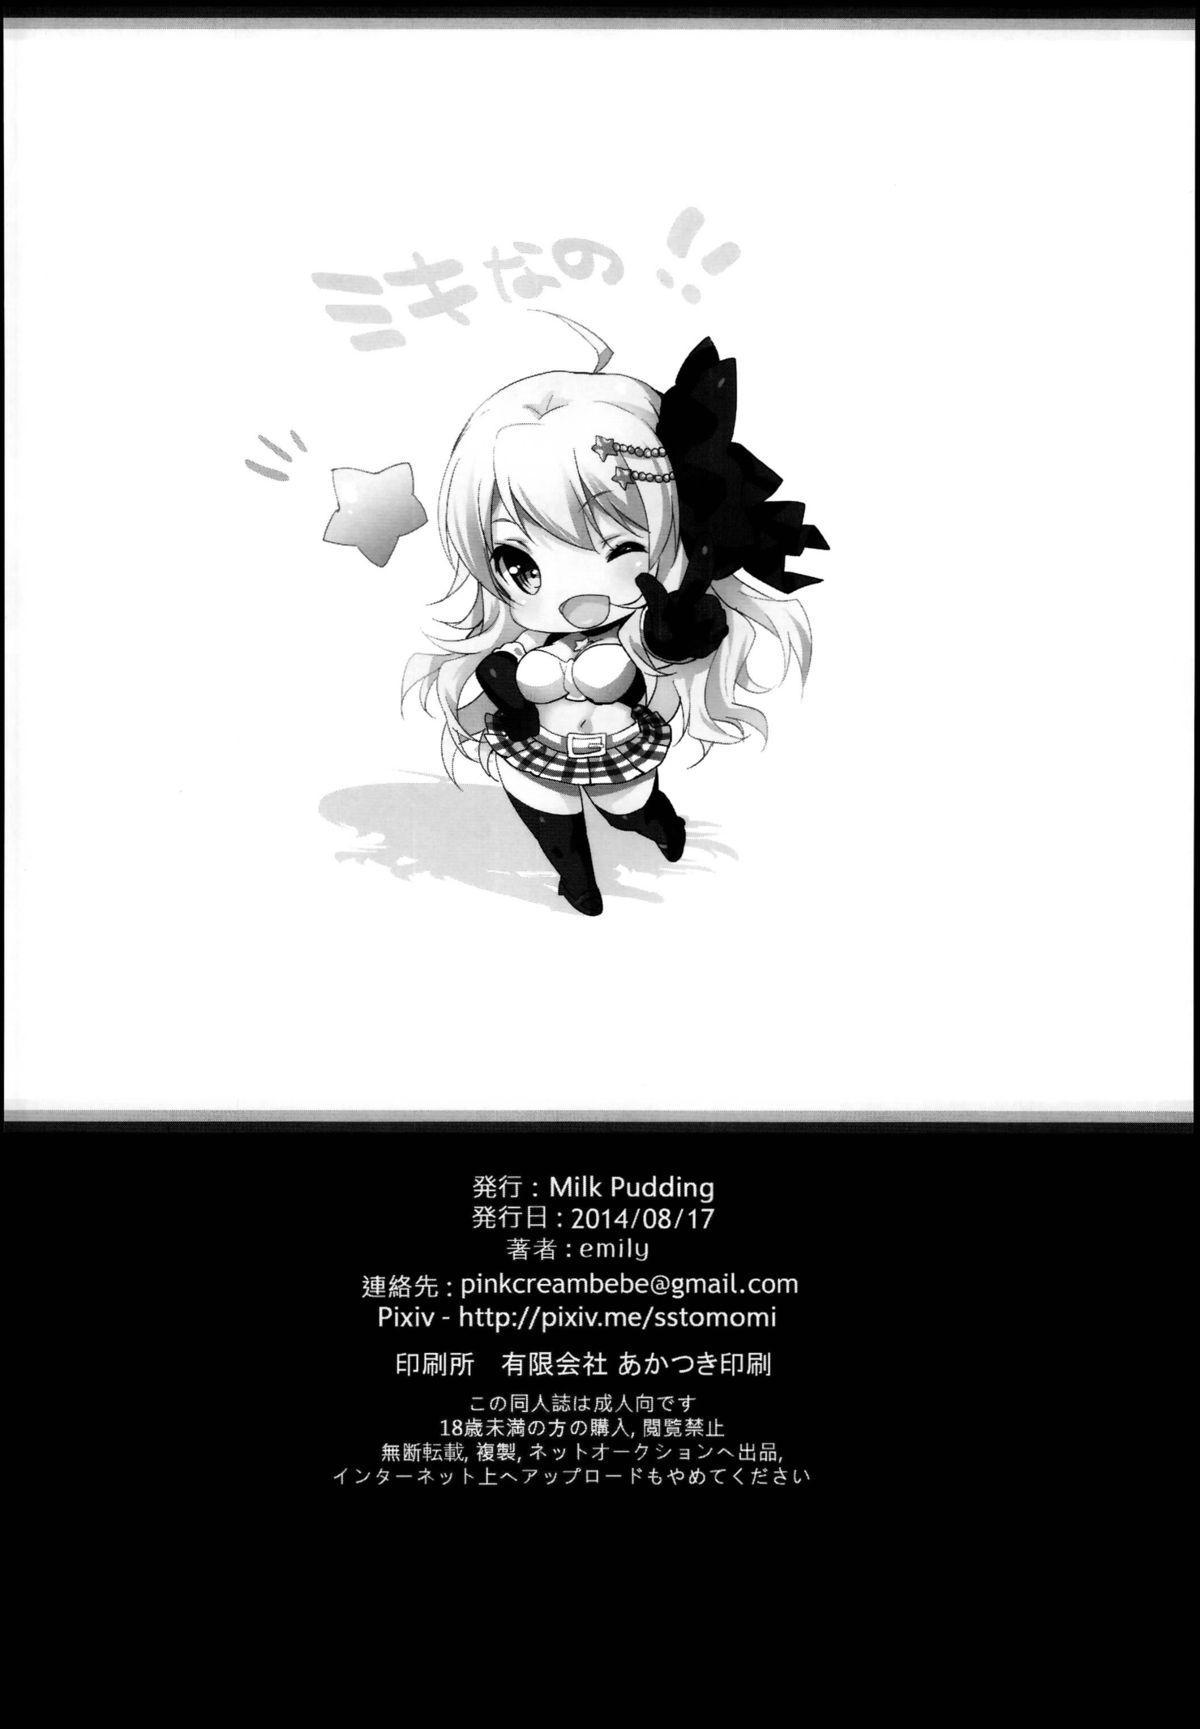 MIKI☆MIKI☆MI 25